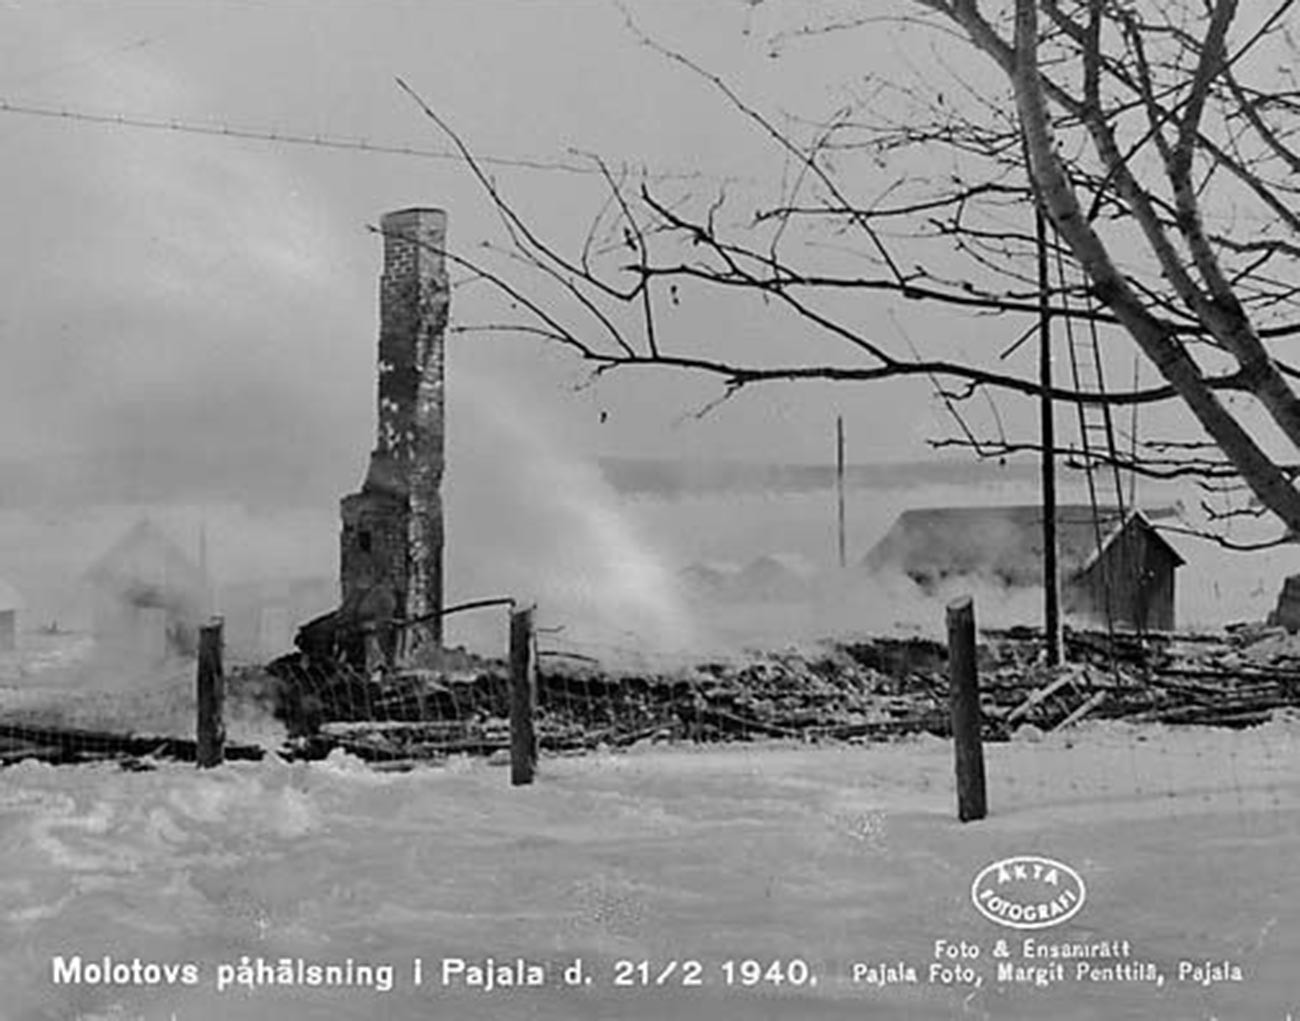 Sovjetski avioni su 1940. godine, za vrijeme Zimskog rata, slučajno bombardirali Pajalu na sjeveru Švedske, 21. veljače 1940.